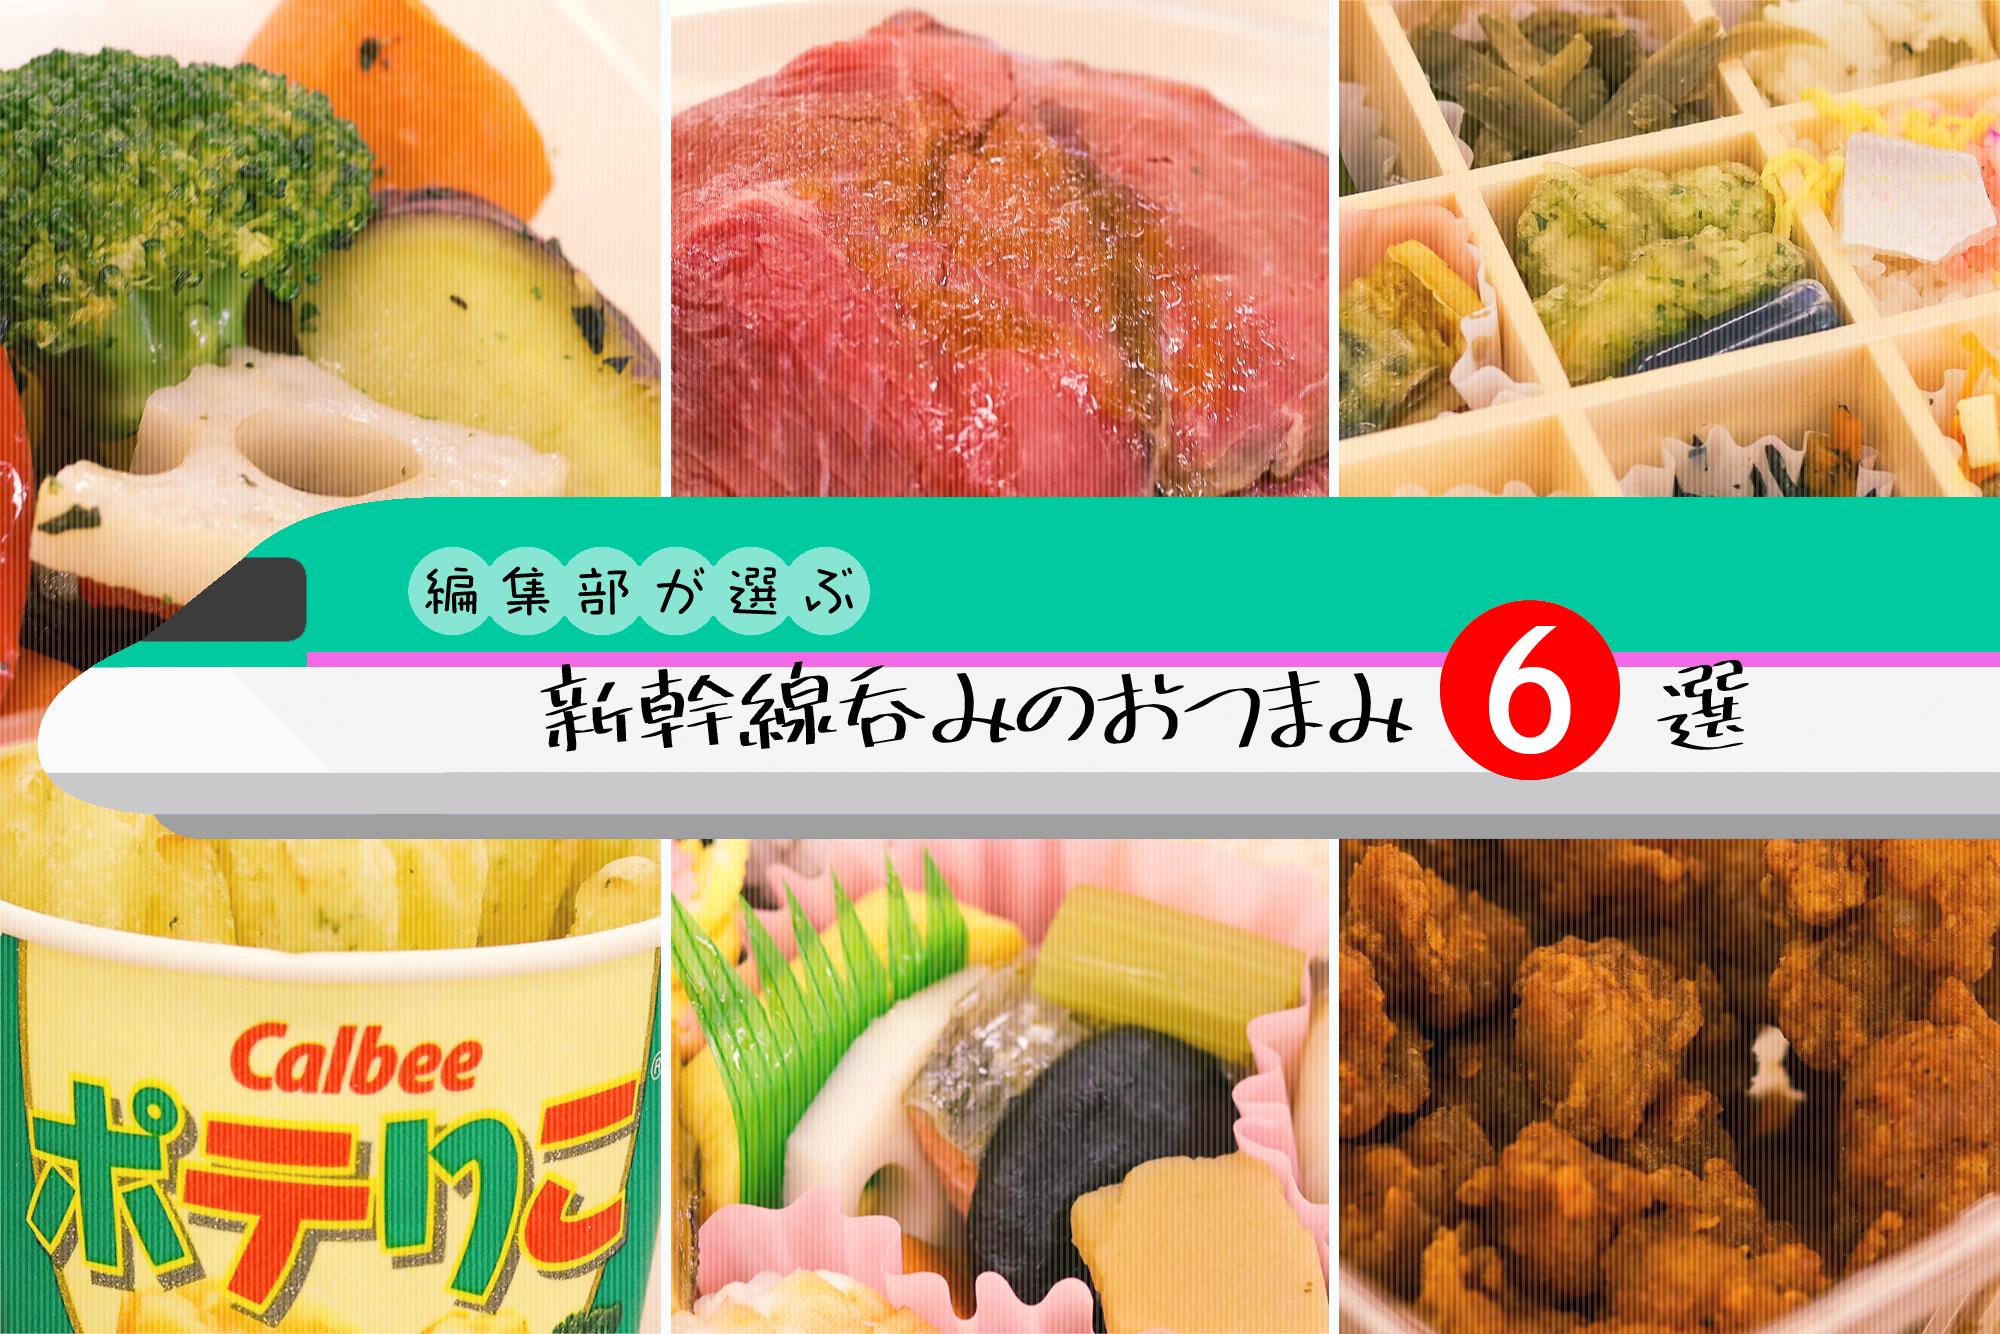 「新幹線呑み」をワンランクアップ!東京駅の最強おつまみ6選